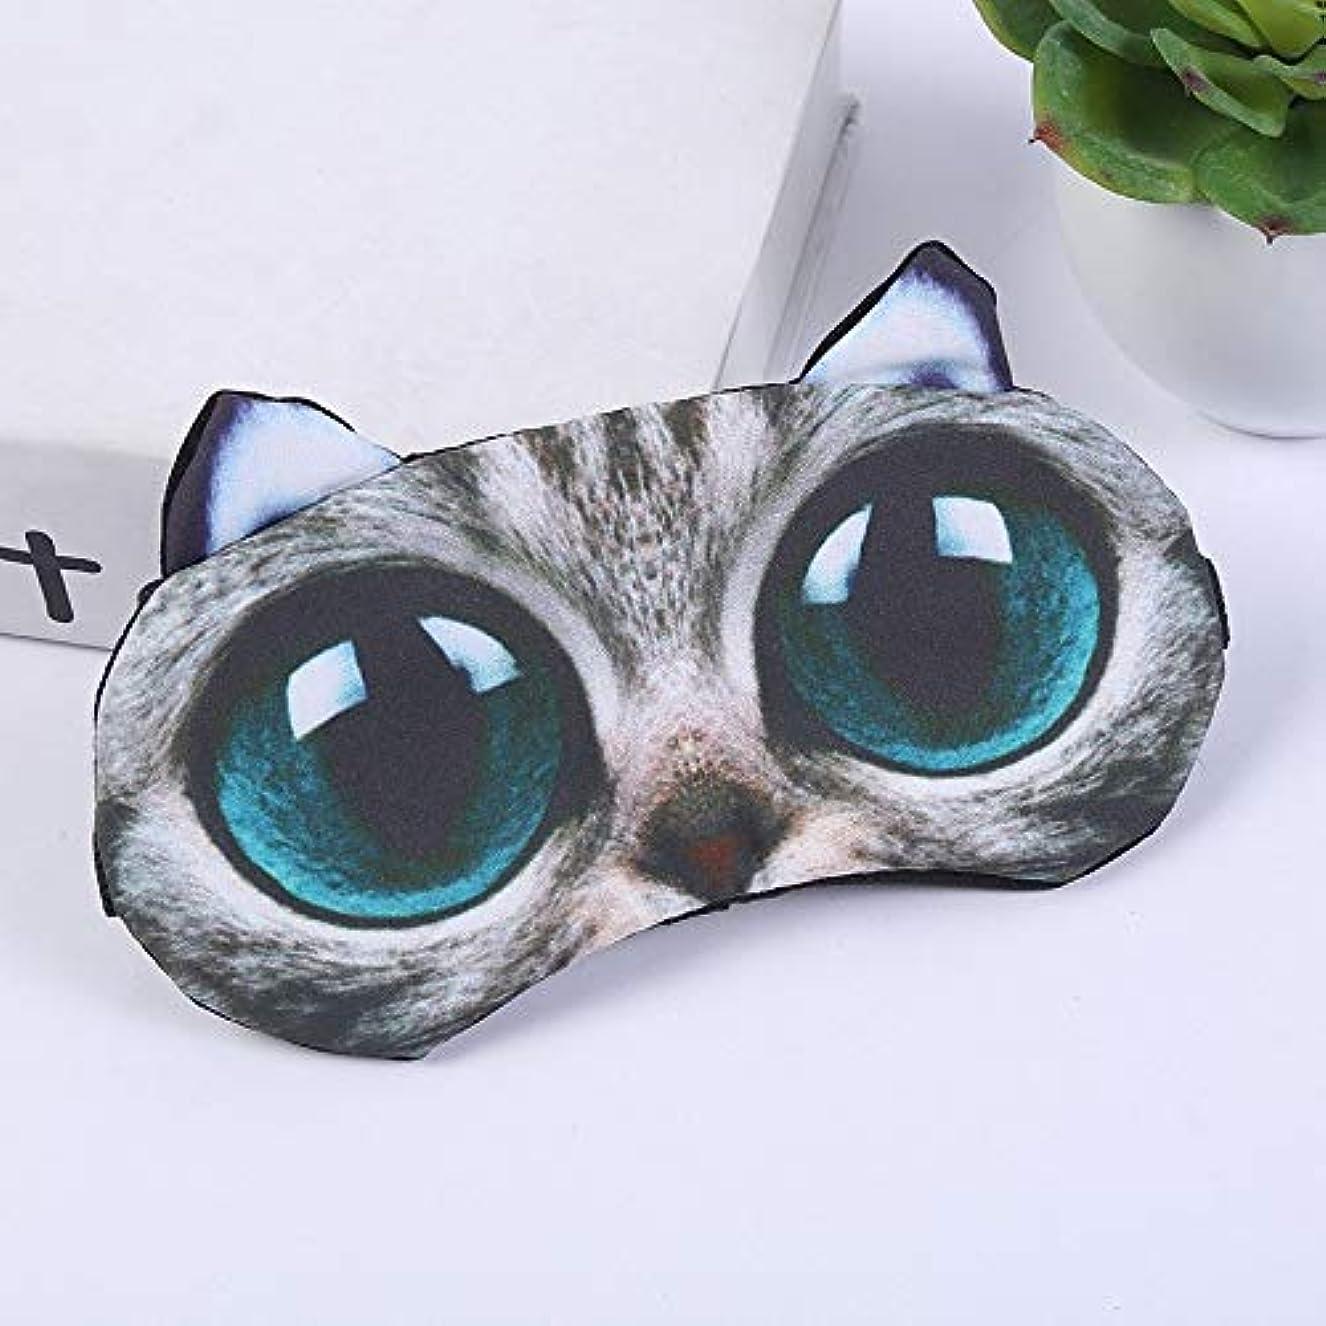 招待情熱的インポートNOTE 3d子かわいい漫画動物マスク用睡眠包帯用目の睡眠アイカバー睡眠マスク目隠し旅行残り目パッチ